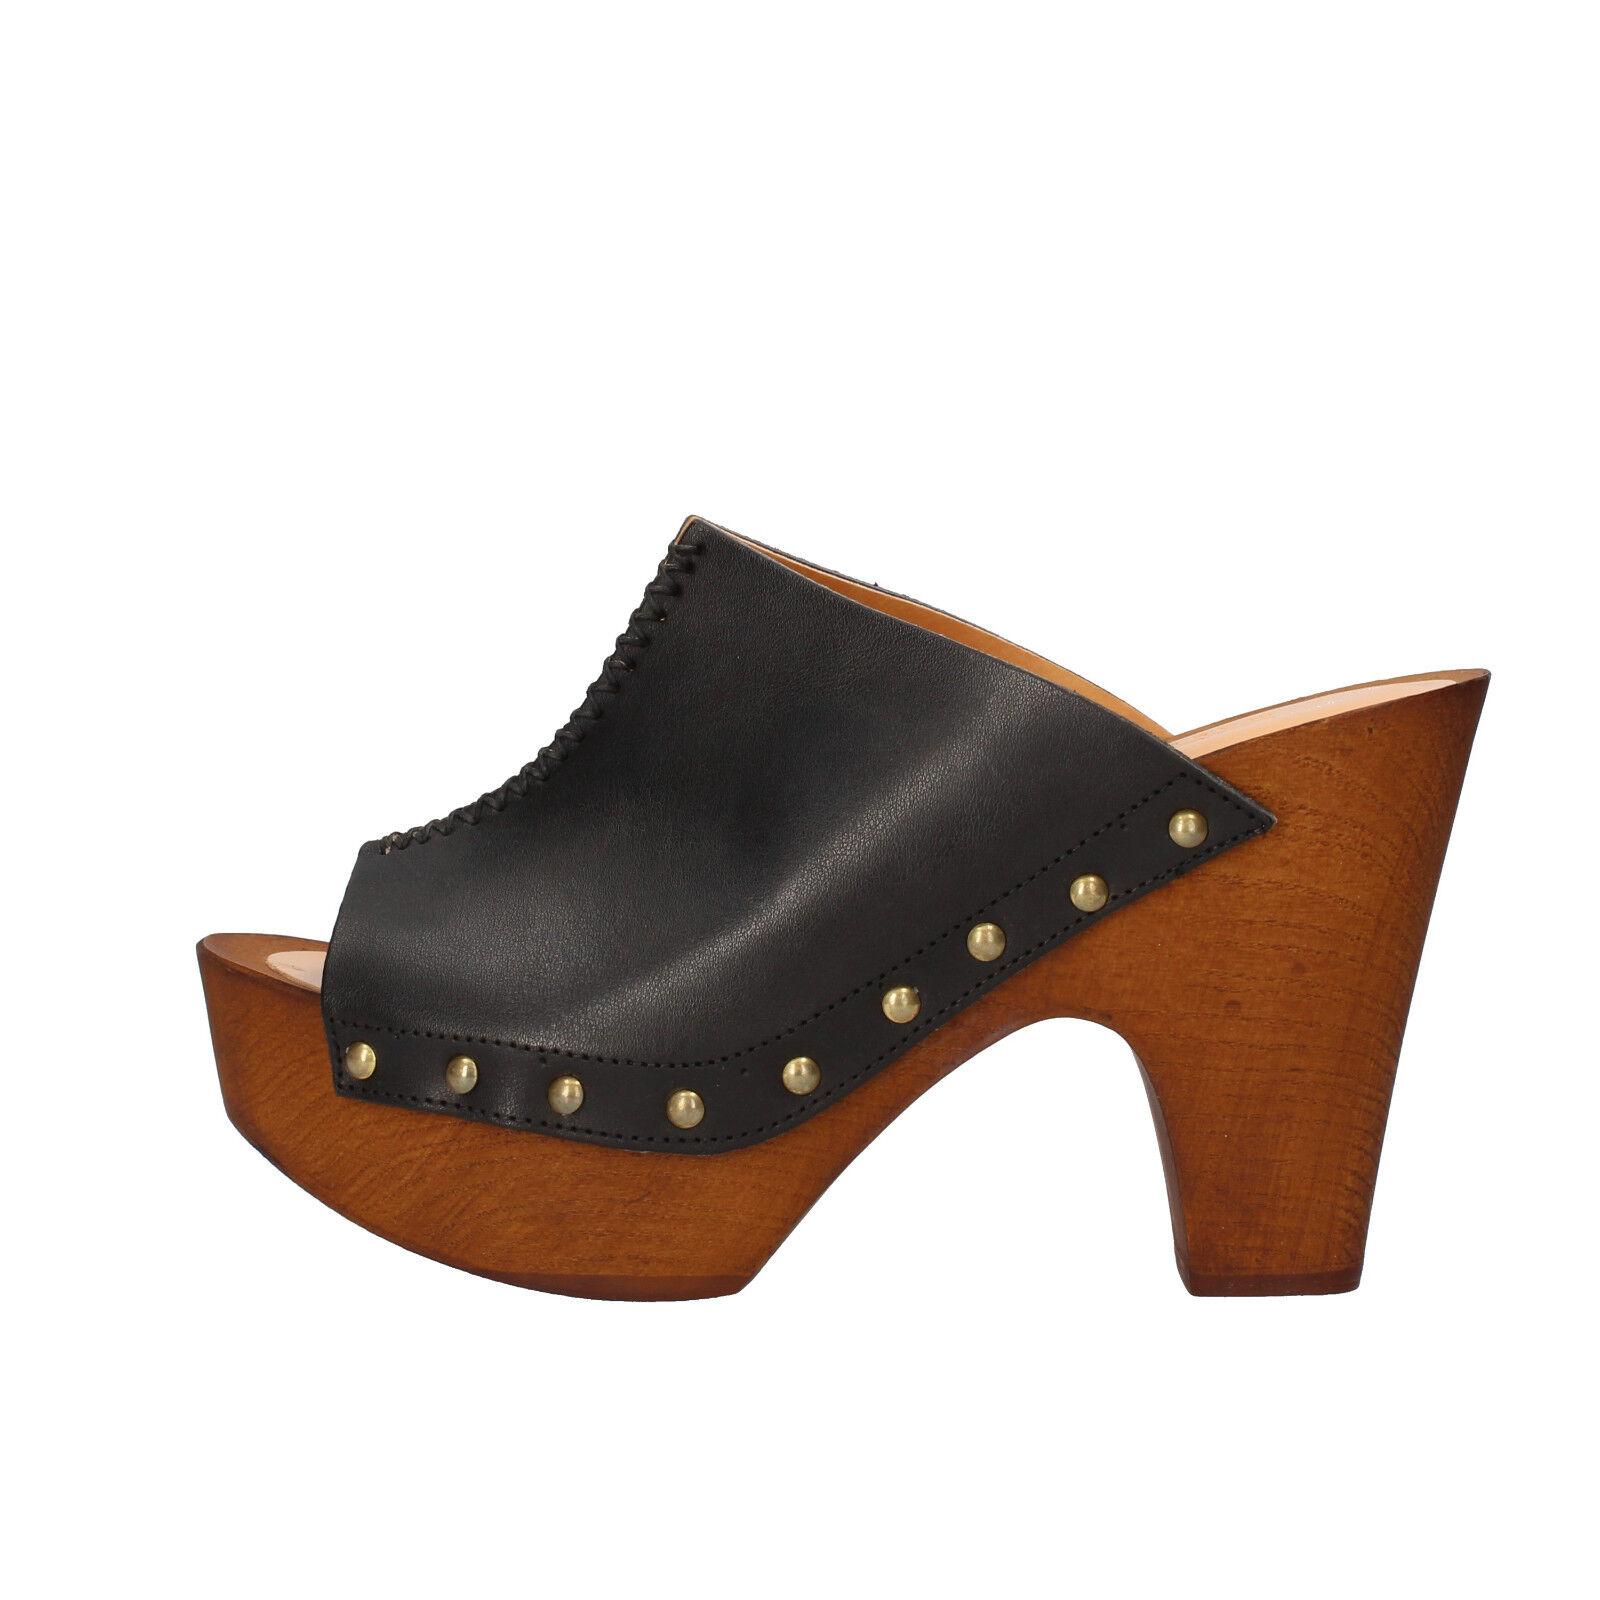 Scarpe donna OLGA RUBINI 37  EU sandali nero pelle pelle nero AF638 C  37  c515fb